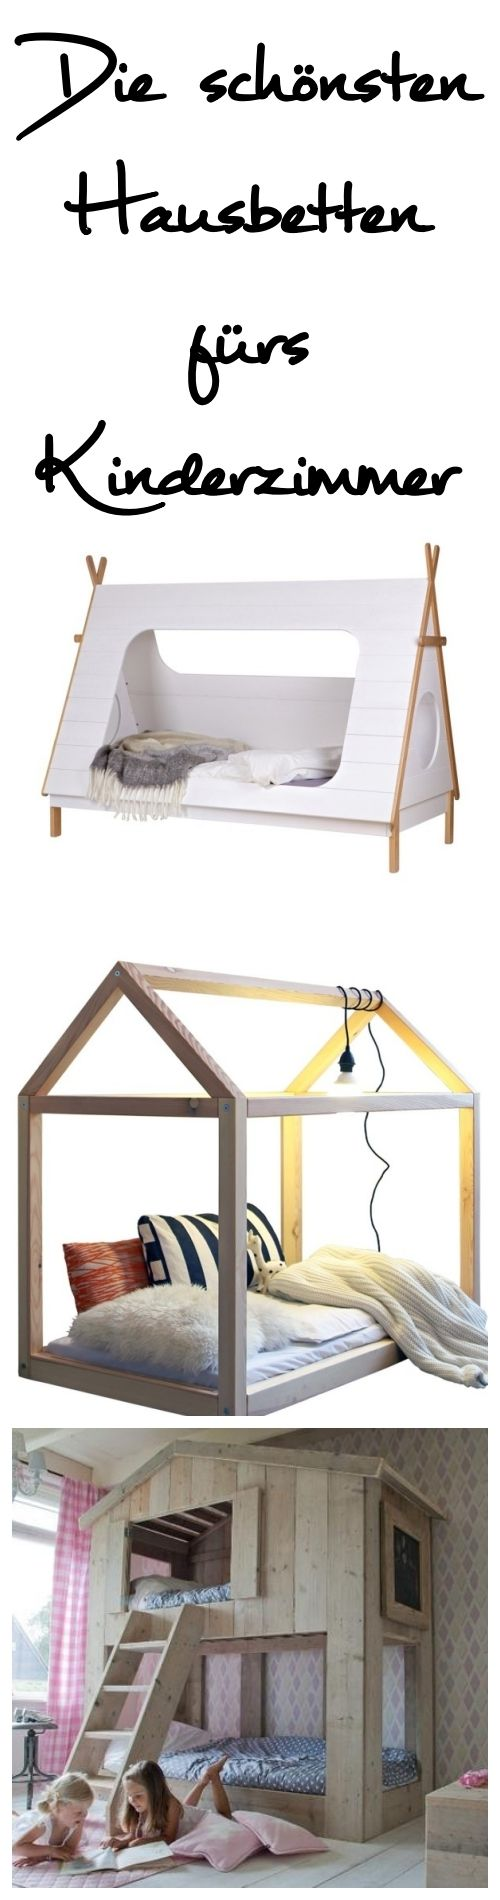 Du Suchst Nach Einem Tollen Hausbett Für Dein Kinderzimmer? Ich Zeige Dir  Die Schönsten Betten! #kinderzimmer #hausbett #diy #kinderbetten